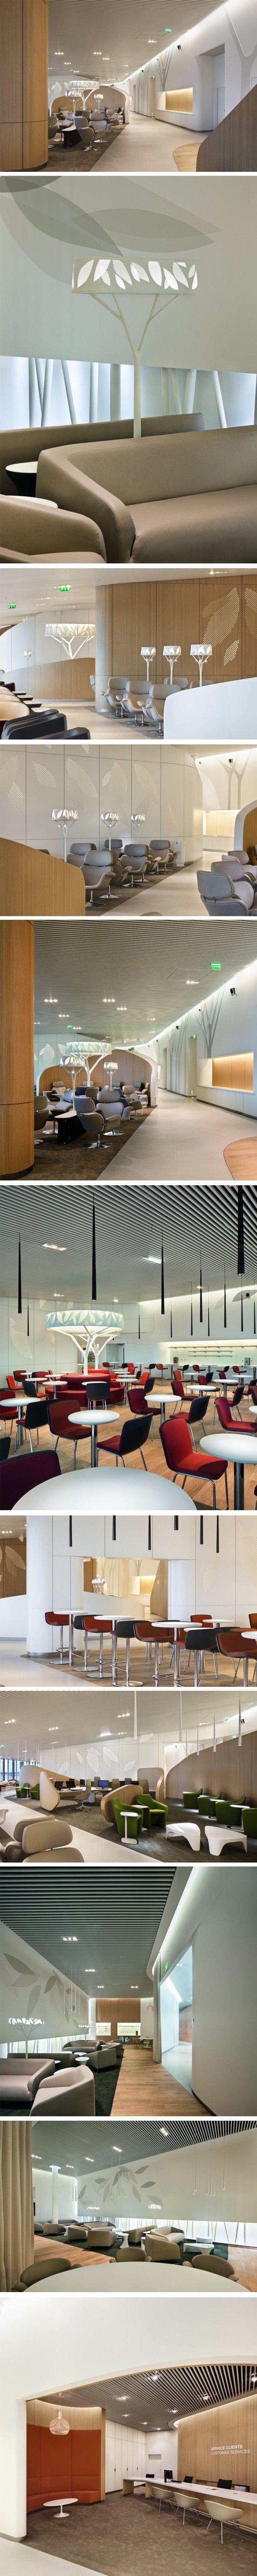 Business Lounge d'Air France par Noé Duchaufour-Lawrance et Brandimage - Journal du Design